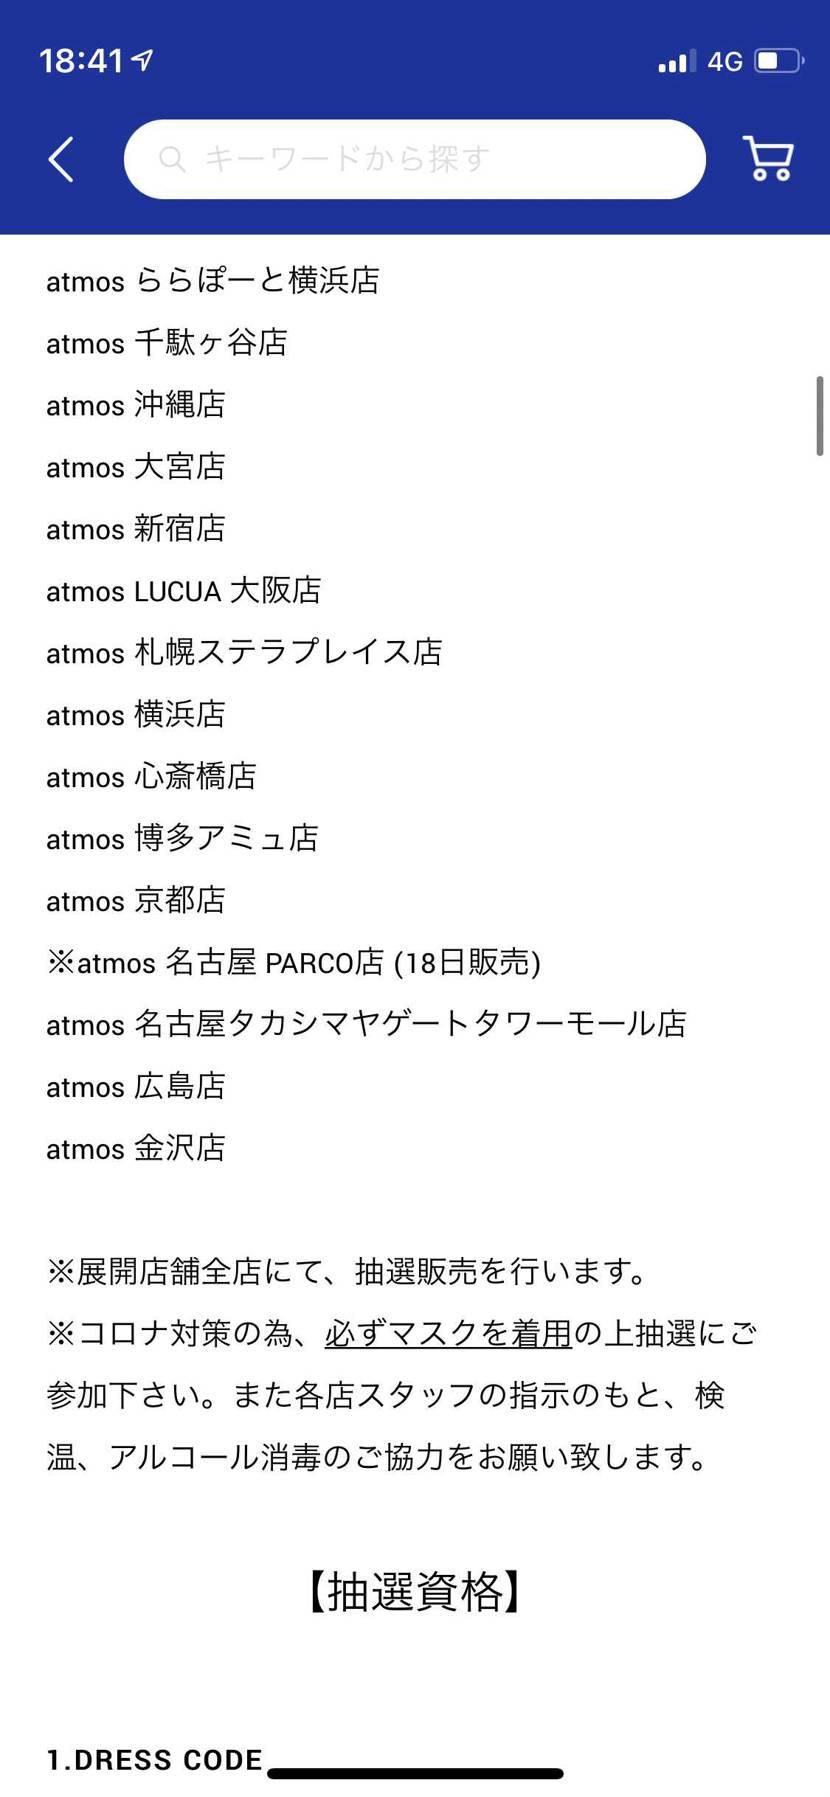 愛知県付近の人まだ明日があるぞ。